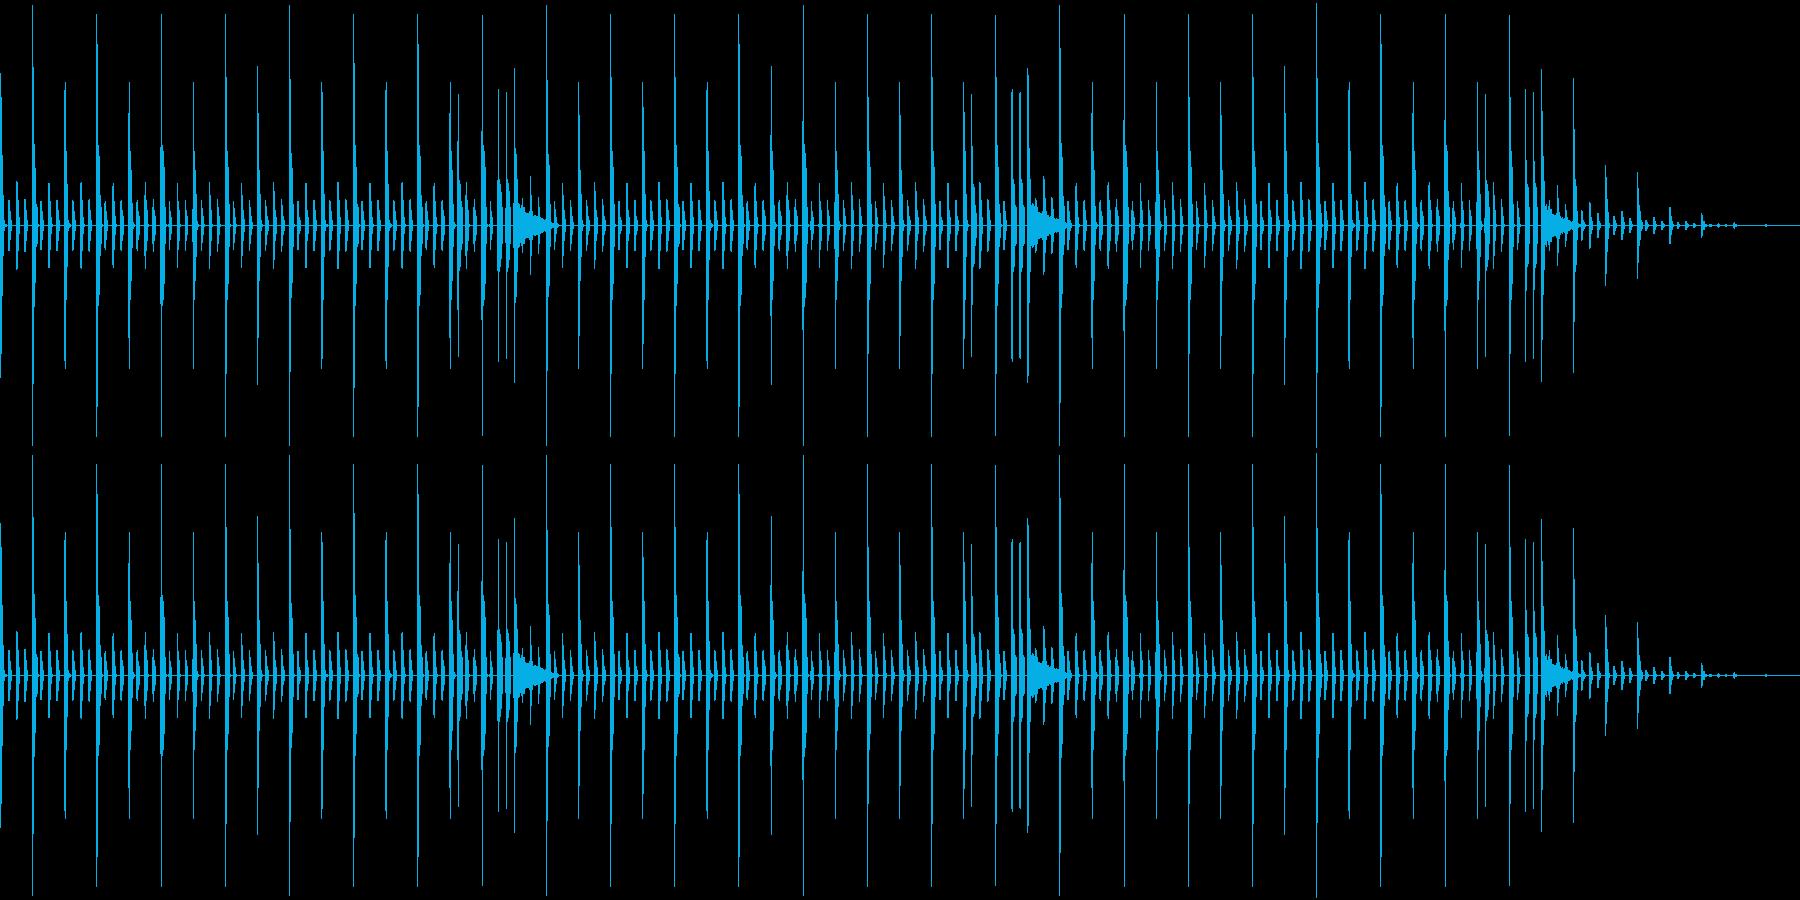 昔のパソコンの音源を使ったリズムループの再生済みの波形